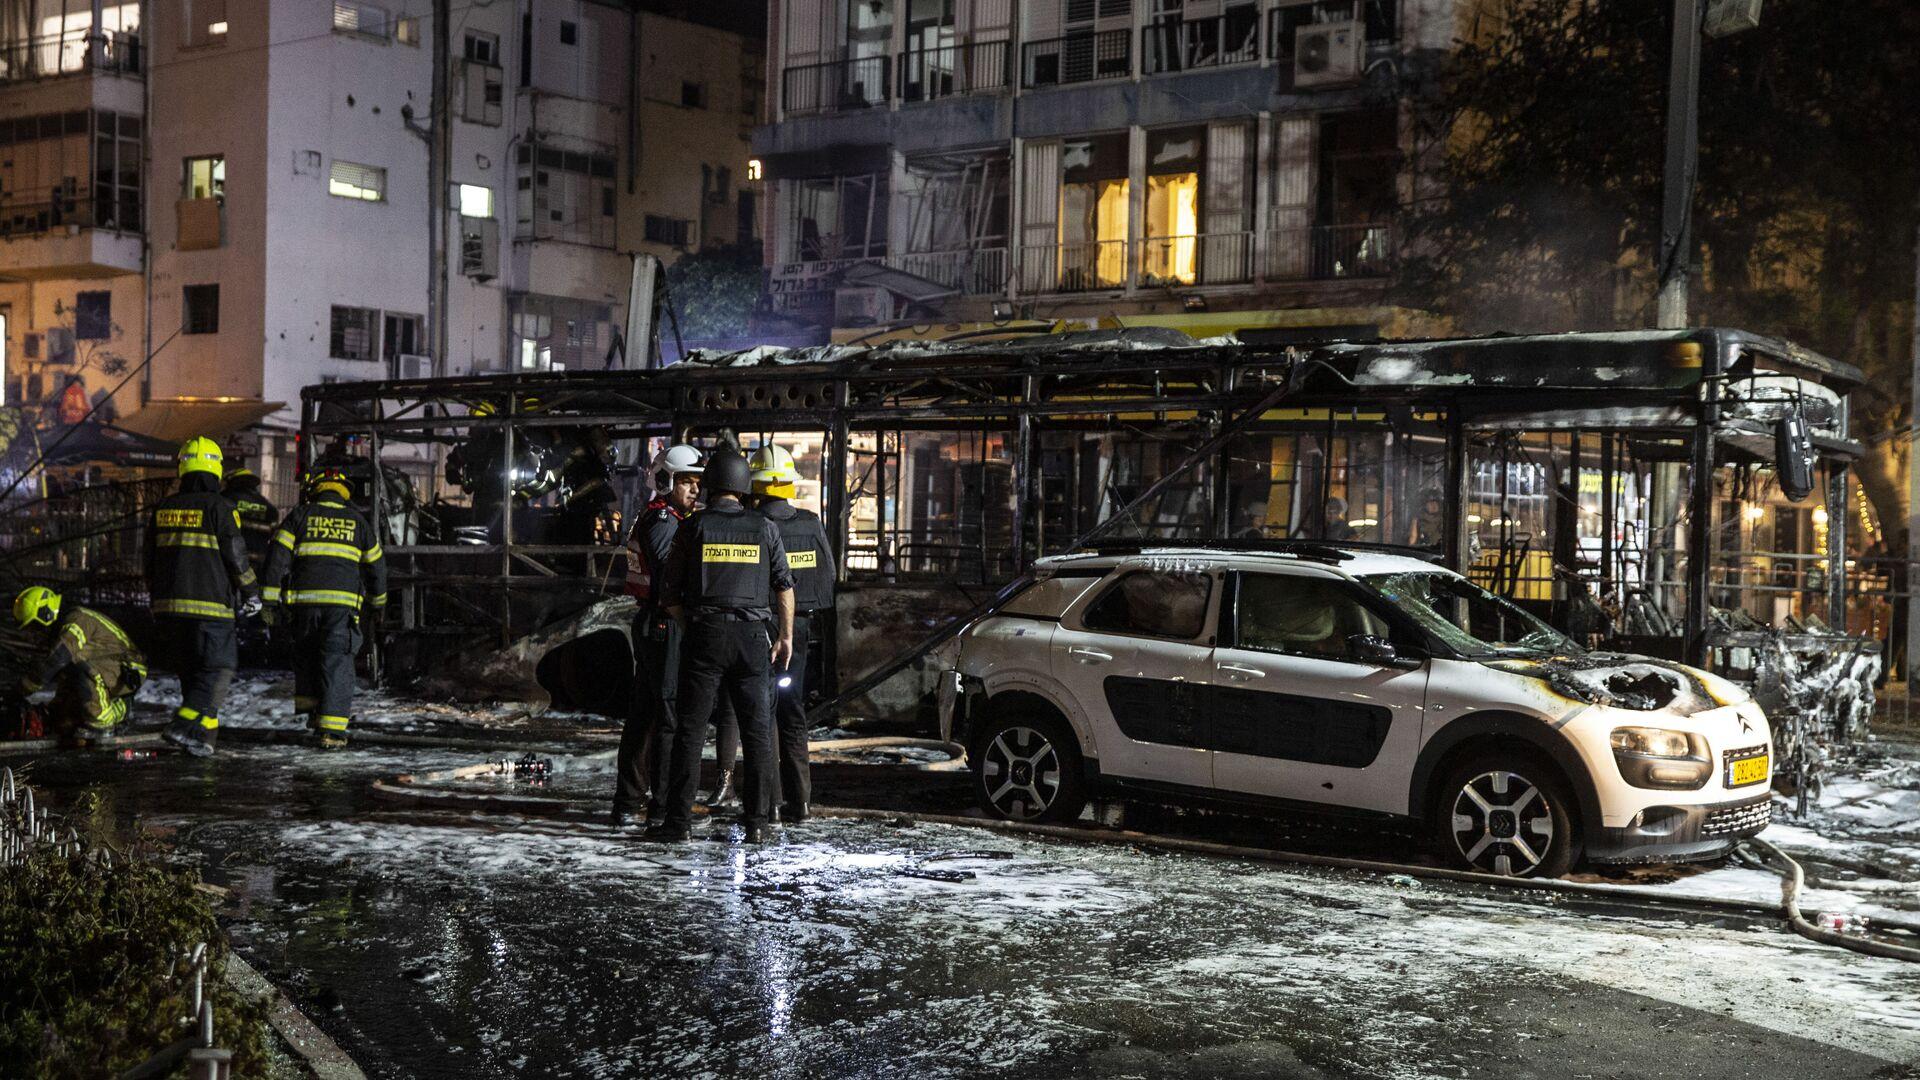 Per tutta la giornata di ieri e la notte i gruppi armati palestinesi hanno continuato a lanciare uno sbarramento di razzi contro lo stato d'Israele, con i proiettili che sono stati sparati contro le città di Ashkelon, Beersheeba, Modiin e Tel Aviv  - Sputnik Italia, 1920, 13.05.2021